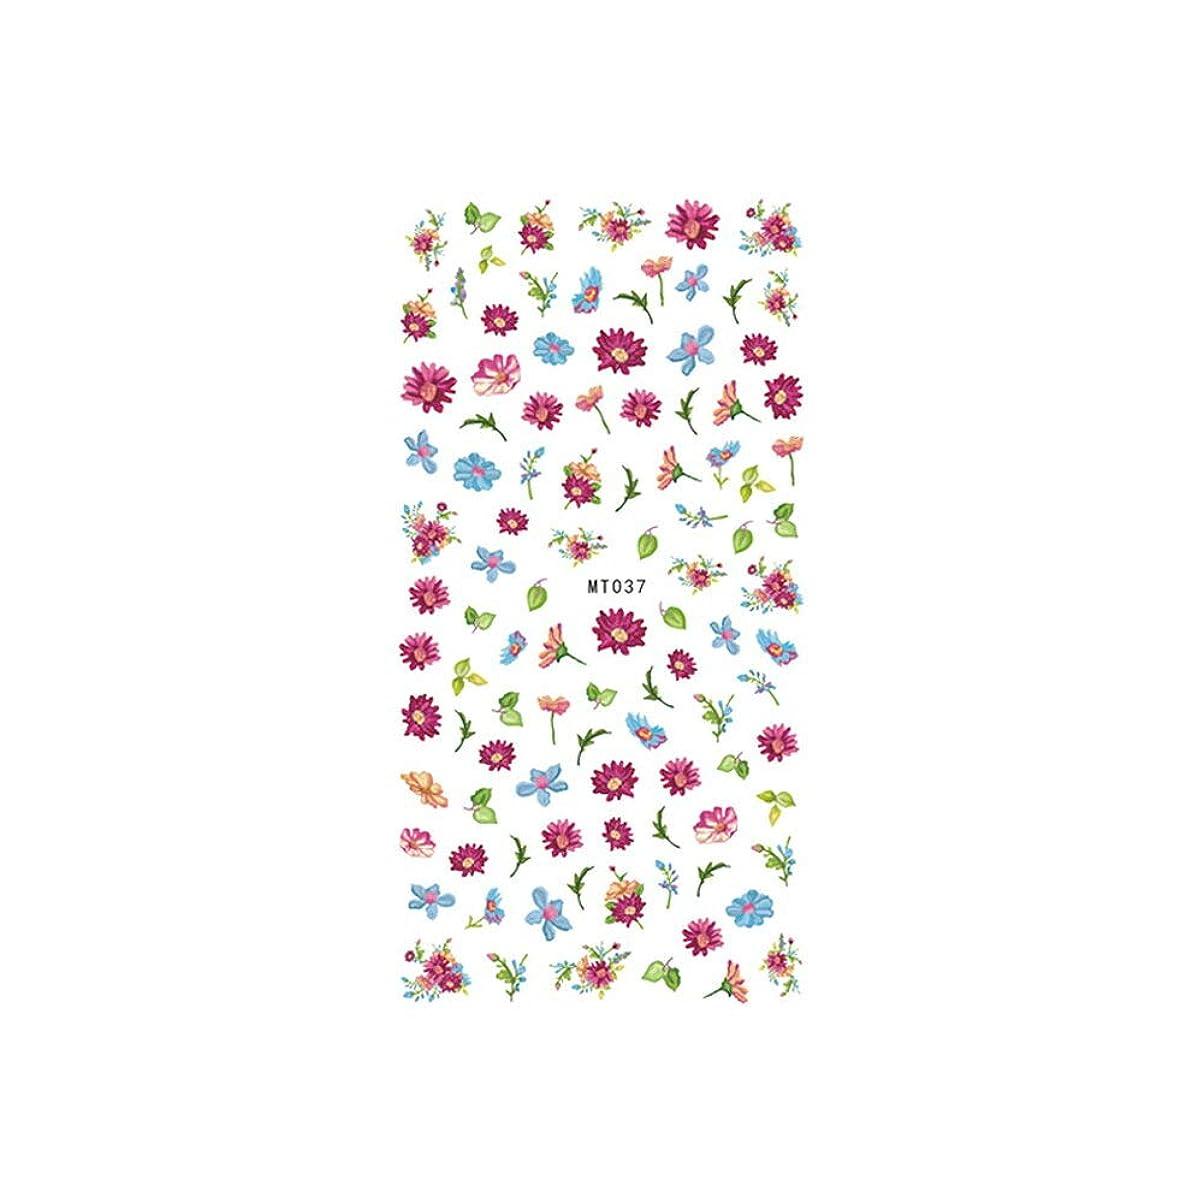 ジュラシックパーク租界叱るirogel ネイルシール ブルーミングリーフシール【MT037】ブルー レッド 葉 花 花柄